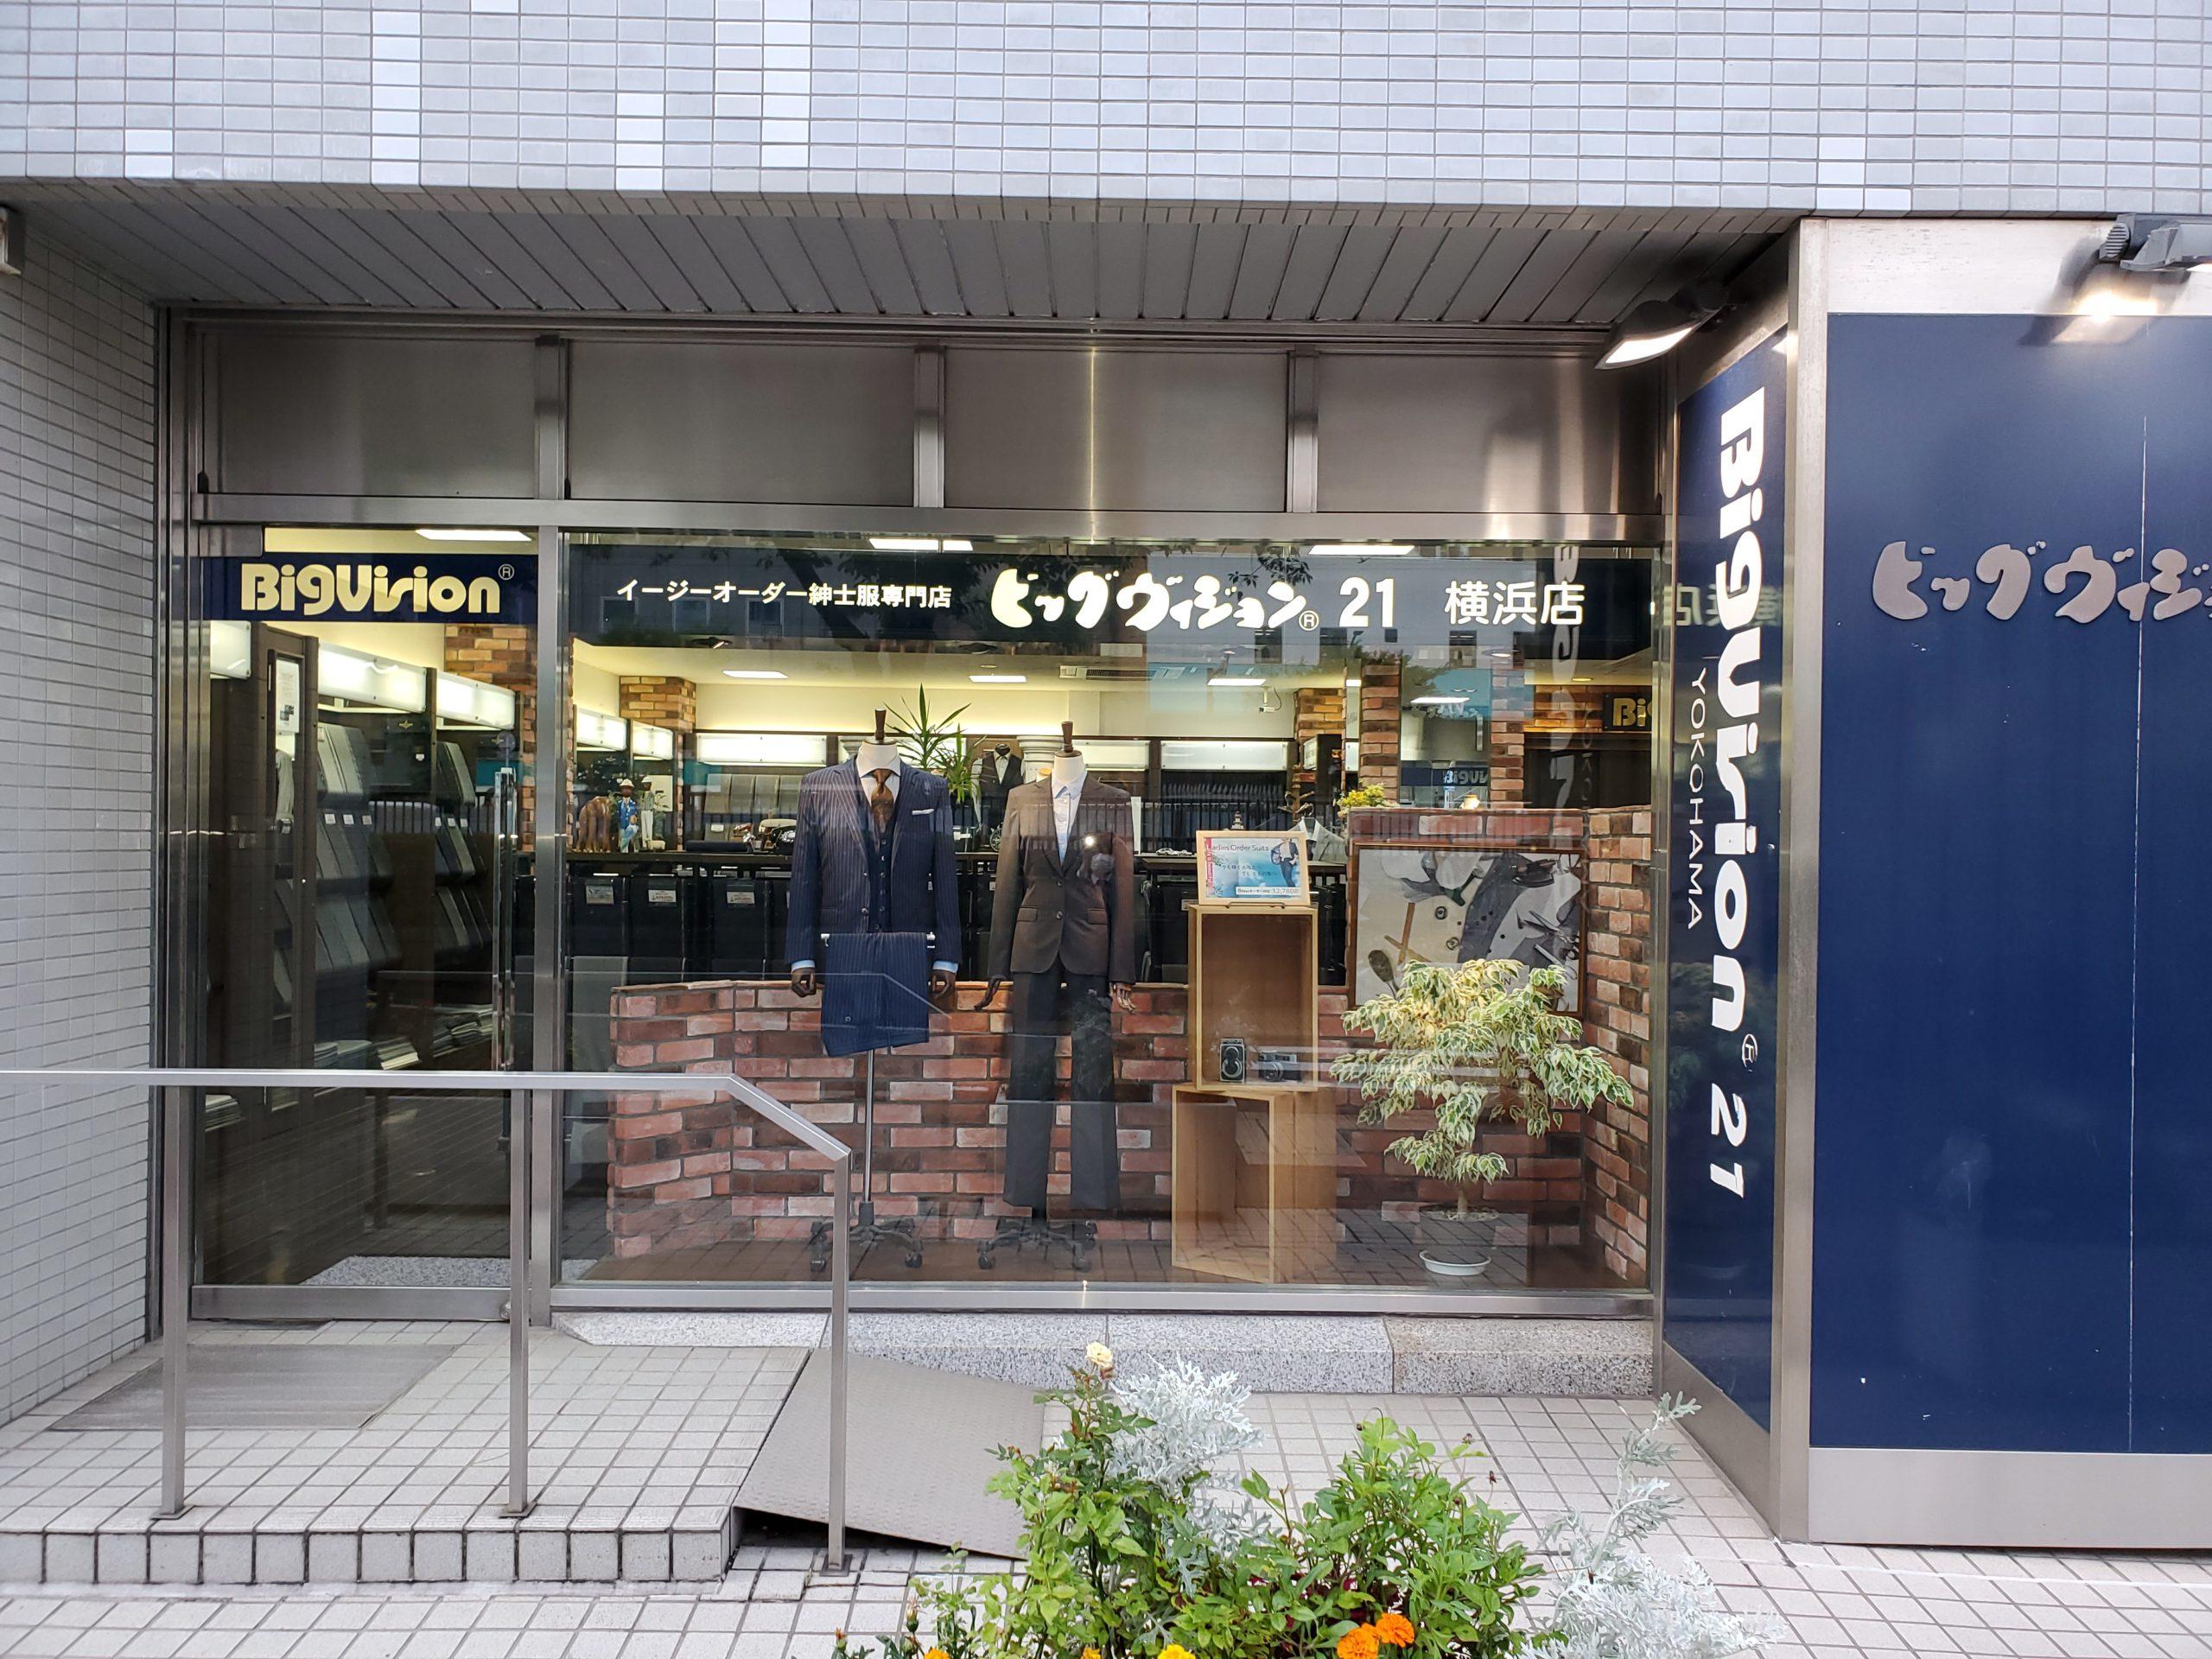 横浜店への御来店心よりお待ちしております。